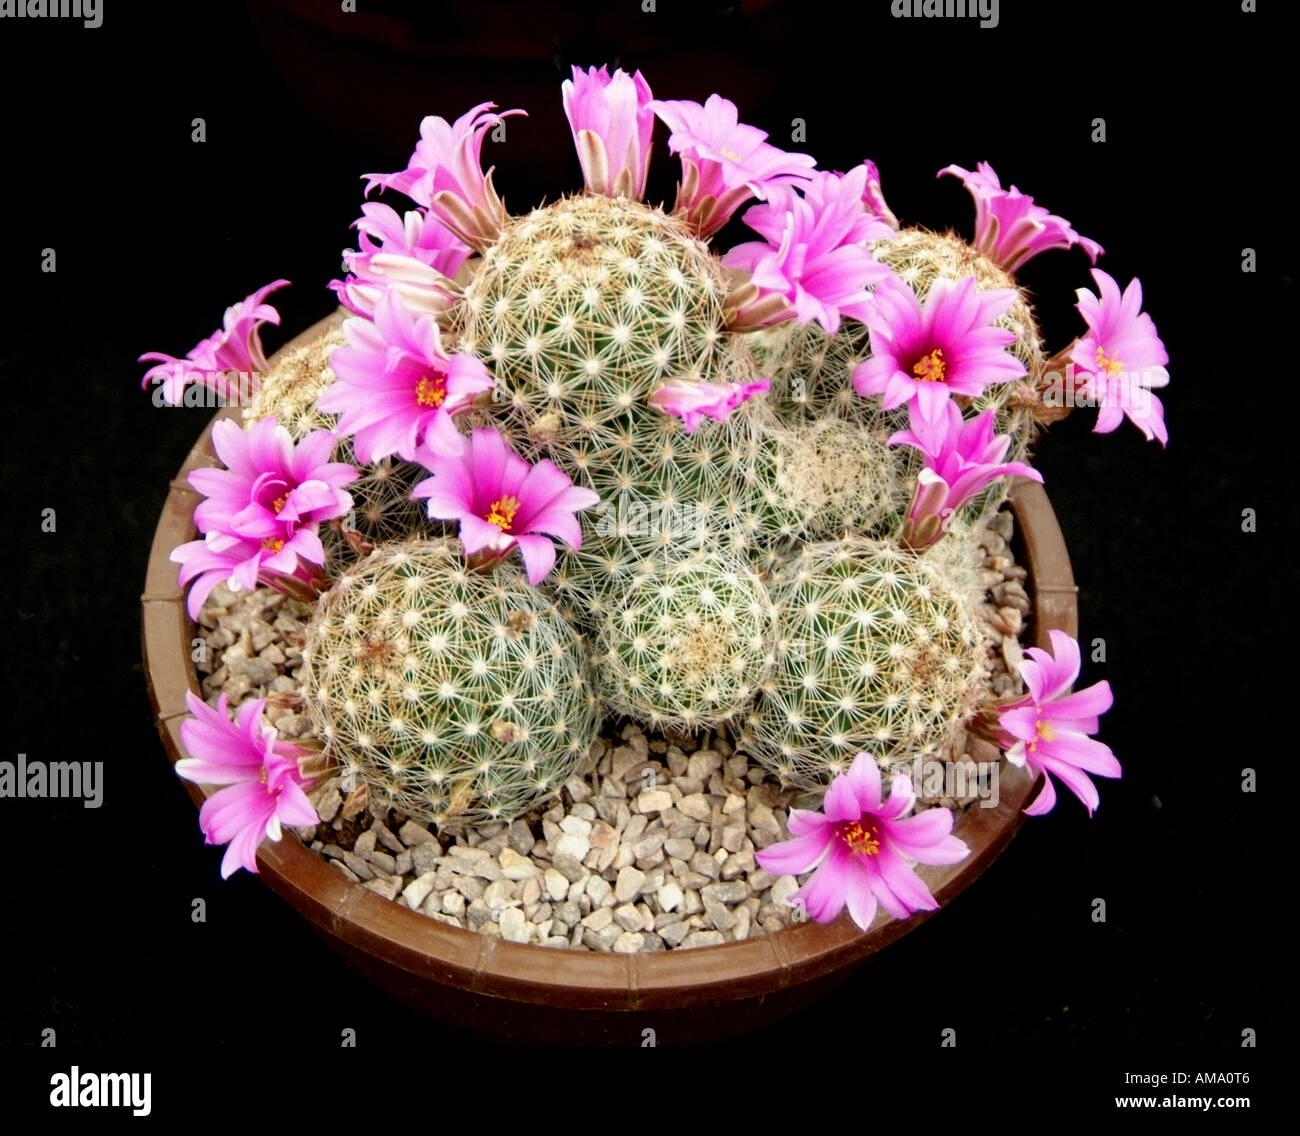 Mammillaria microcarpa plantes cactus cactus rose fleur flore rachis cultivée soulevées cultivées en serre de plantes en terre cuite po Banque D'Images